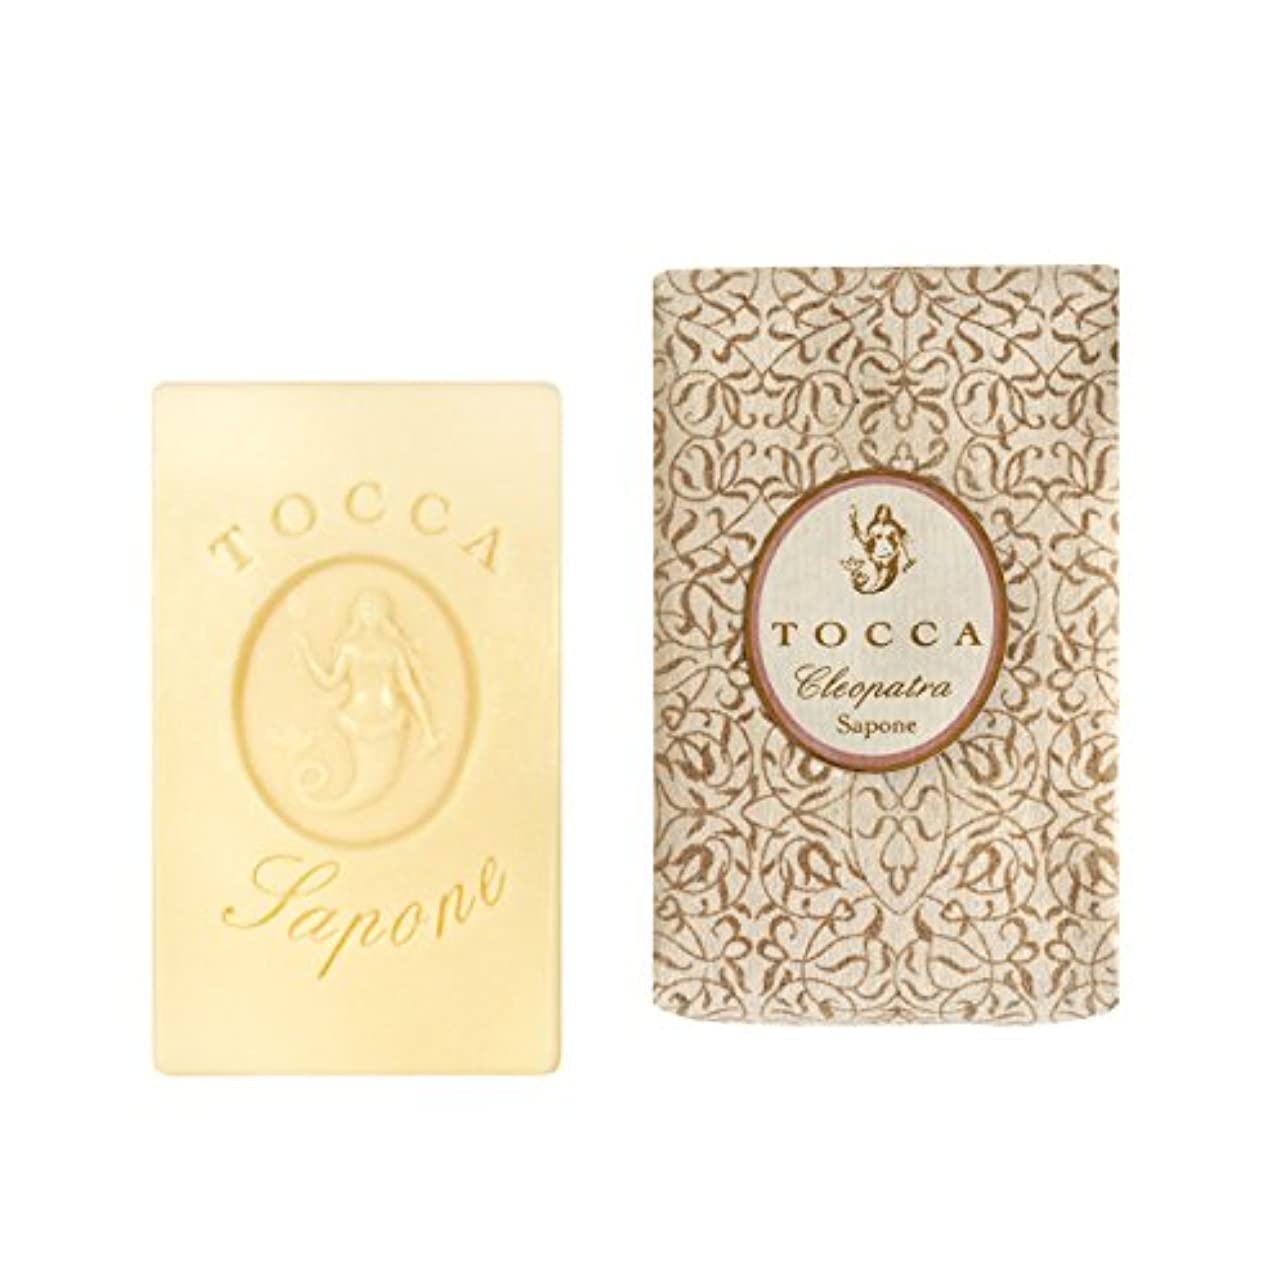 トラフィック吐き出すアイロニートッカ(TOCCA) ソープバー クレオパトラの香り 113g(石けん 化粧石けん グレープフルーツとキューカンバーのフレッシュでクリーンな香り)